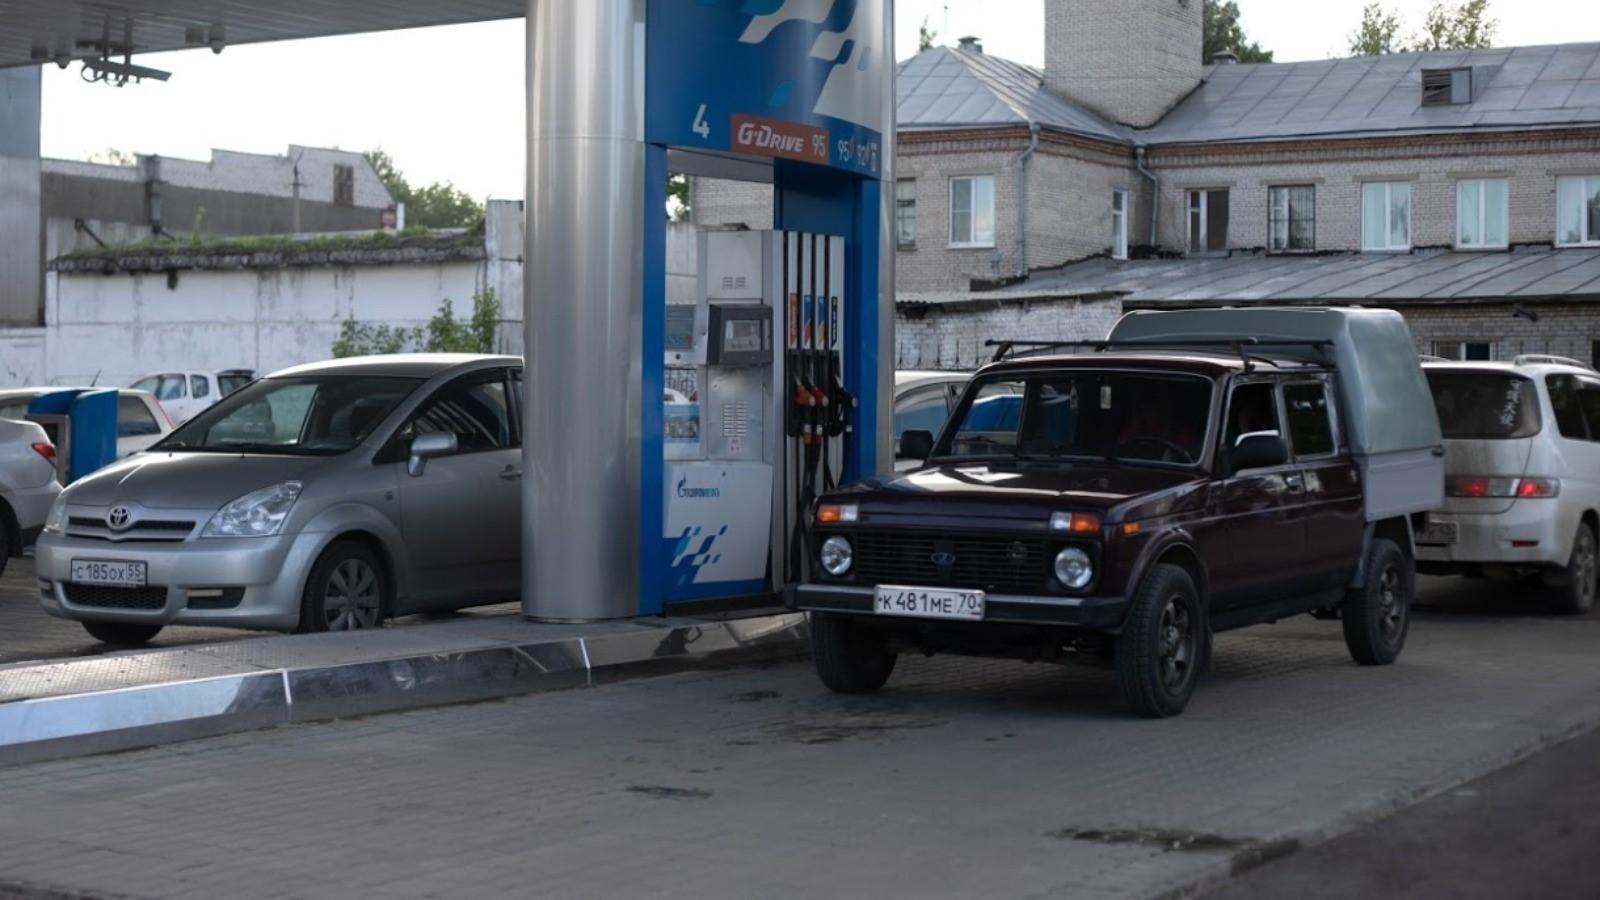 Дефицит бензина может больно ударить по ценам и ситуации в трети районов Алтайского края